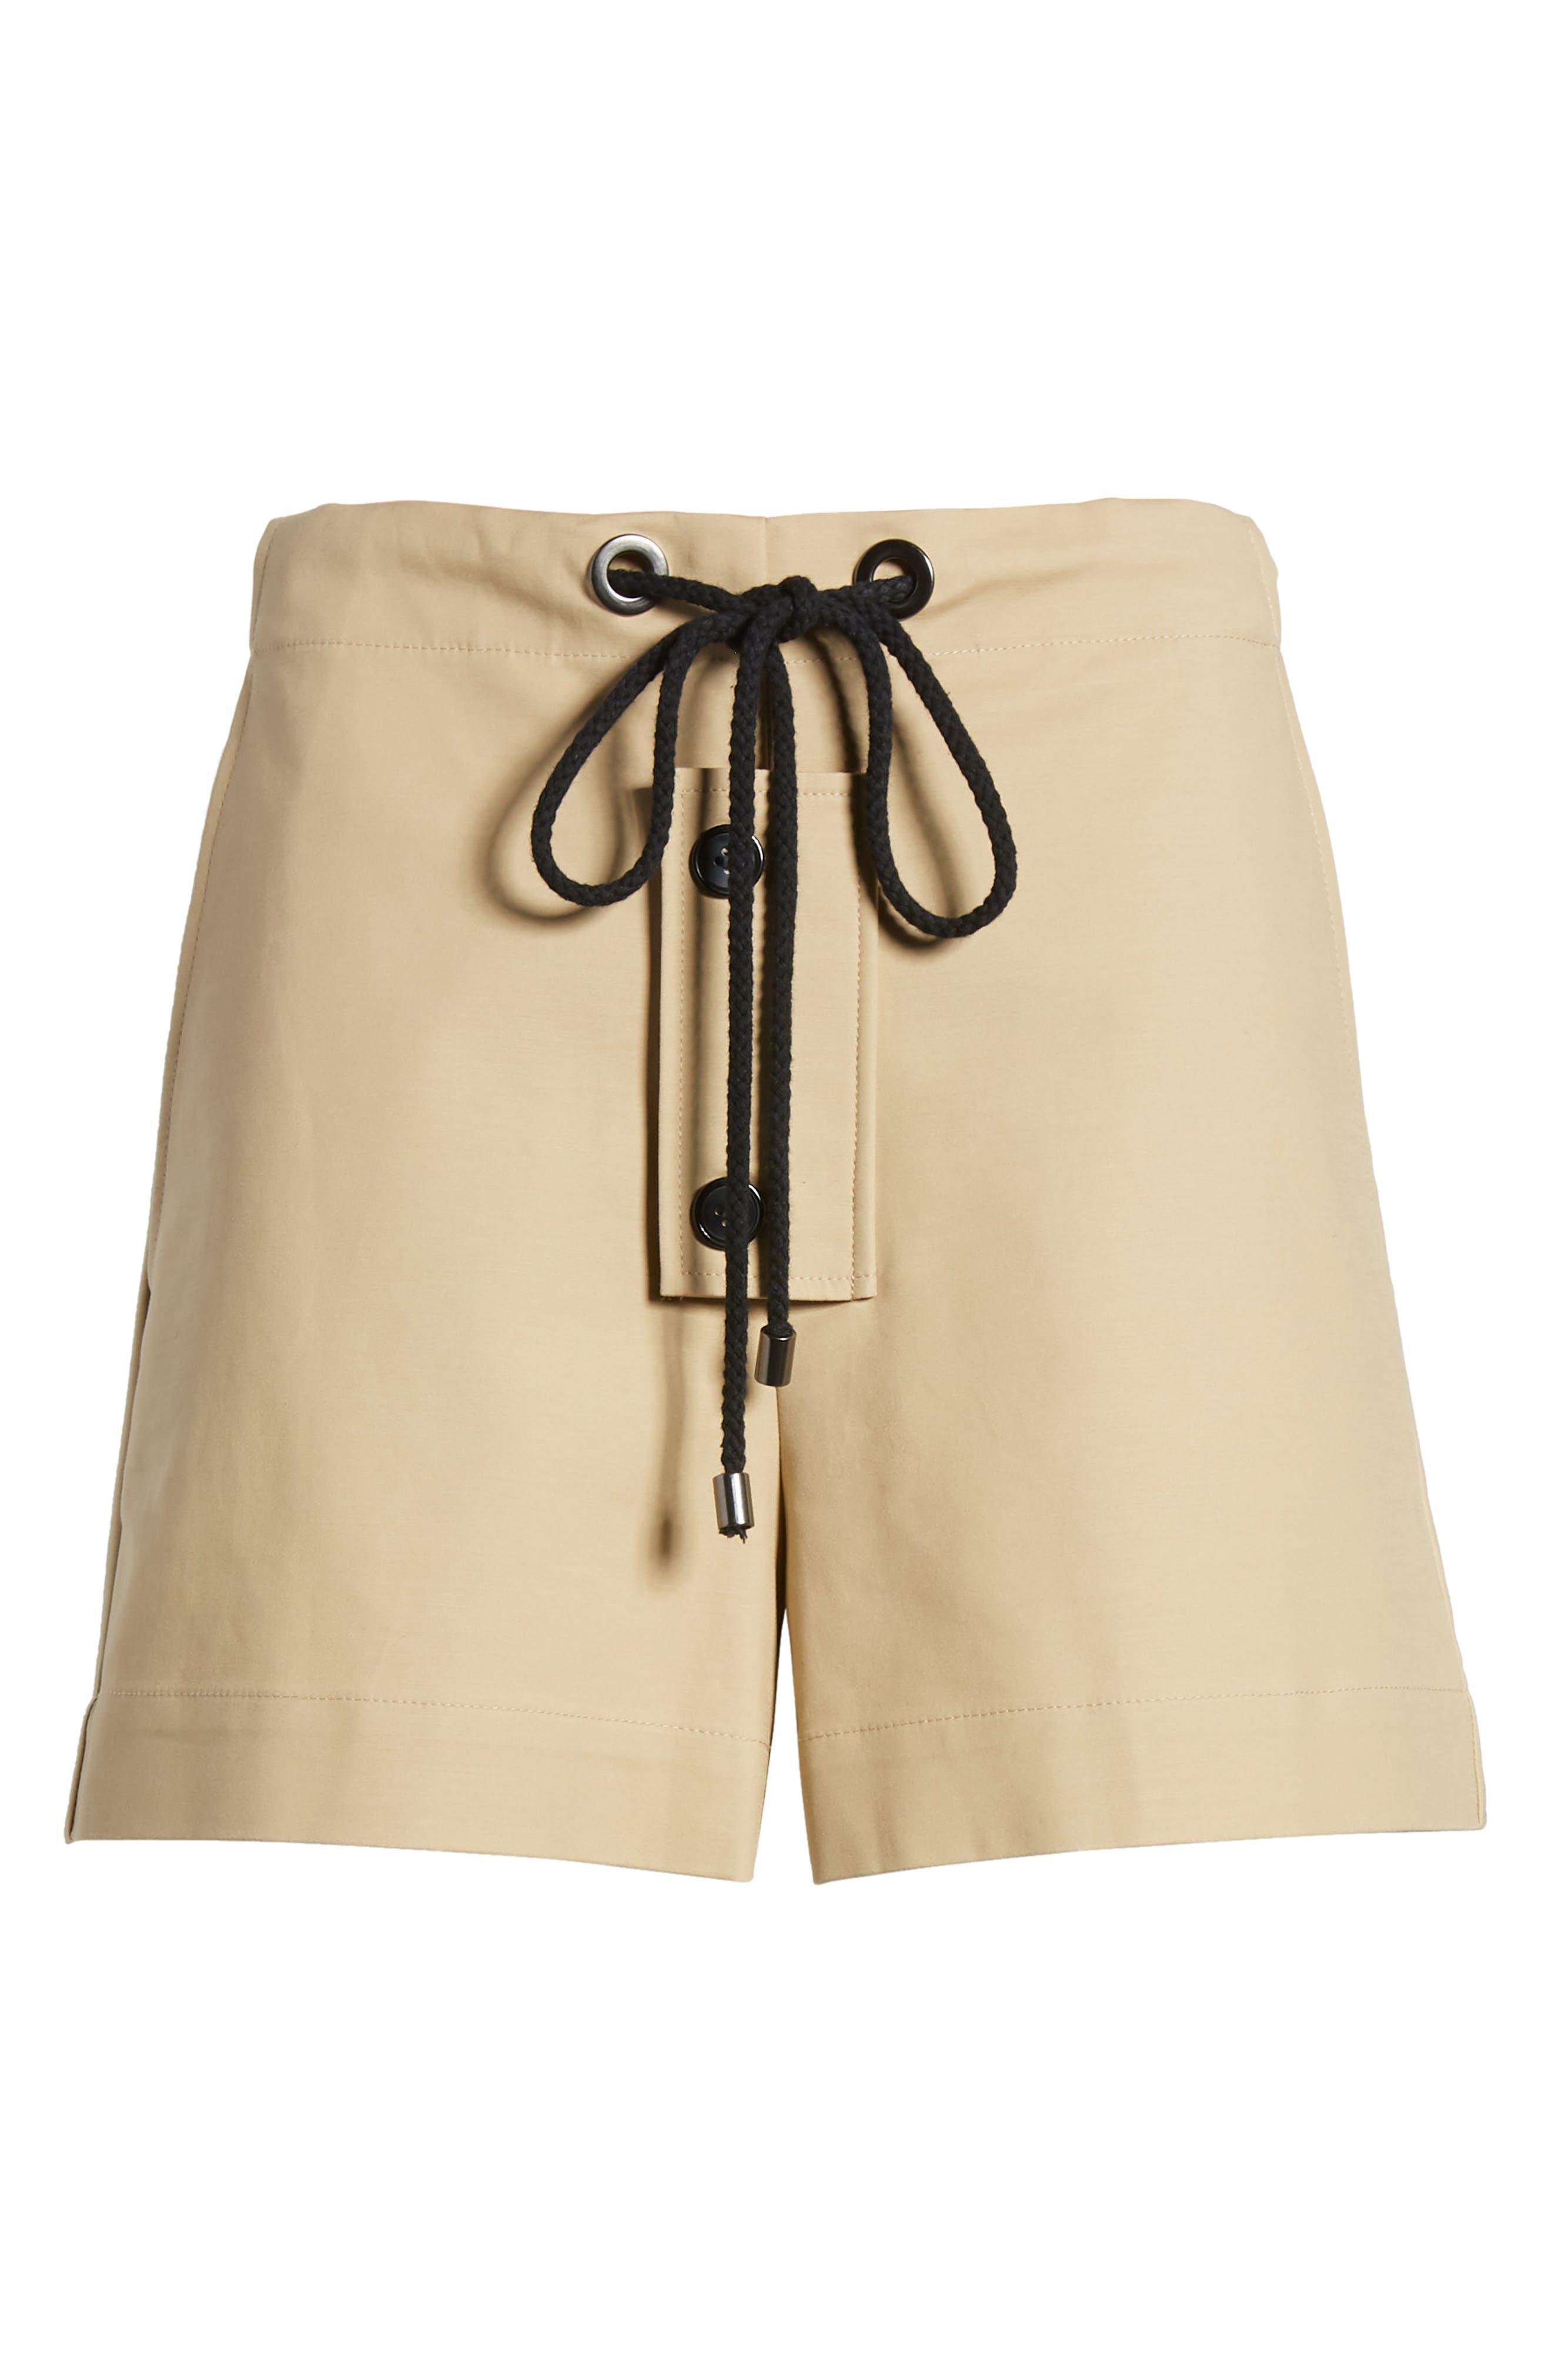 Park South Shorts,                             Alternate thumbnail 6, color,                             Beige